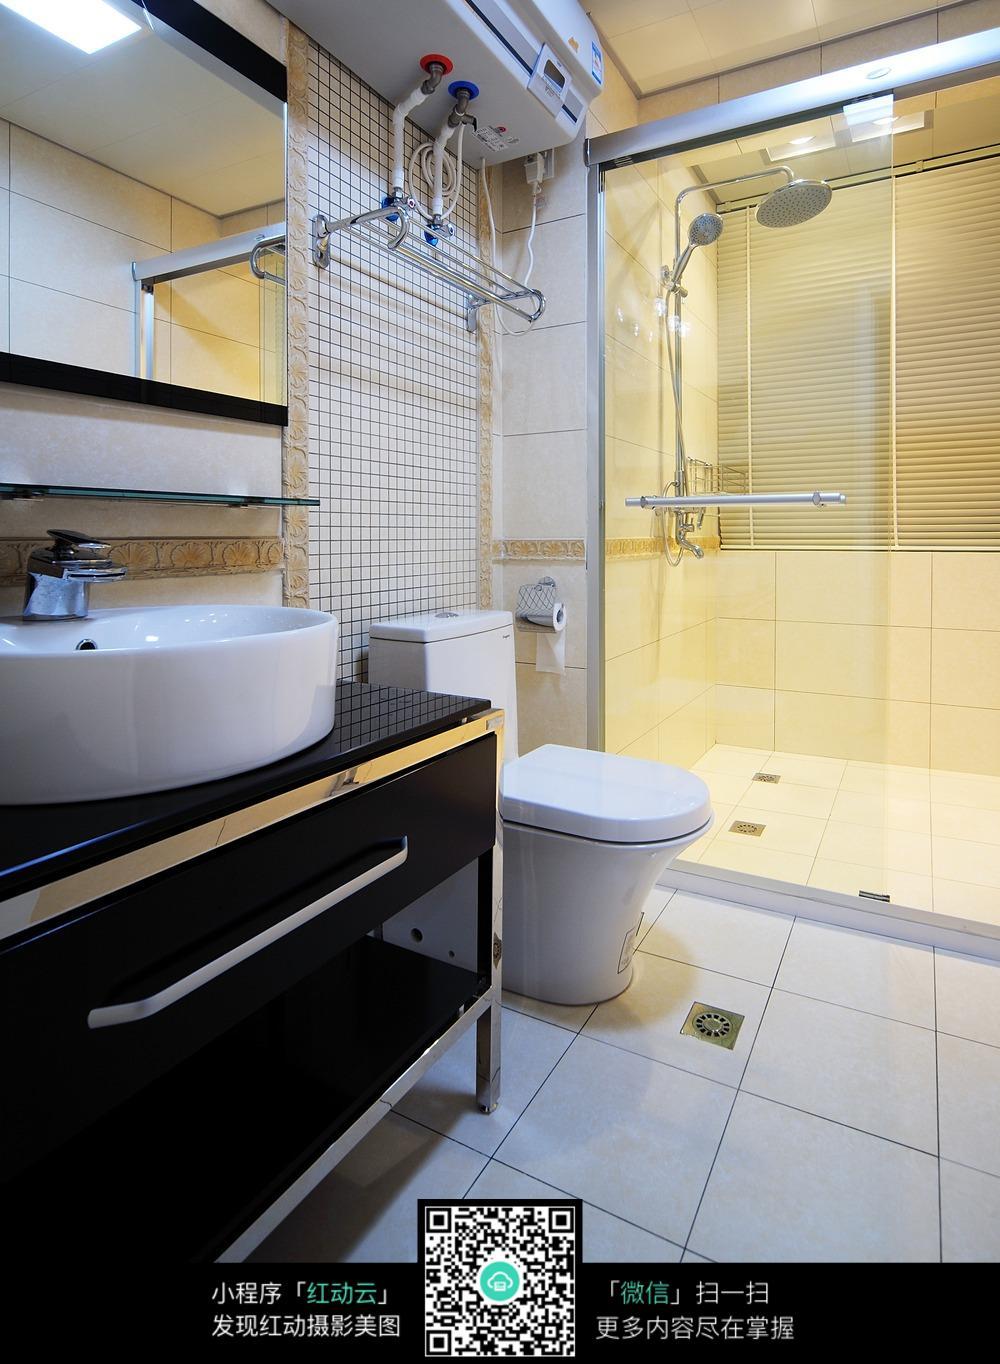 卫生间装修设计效果图图片